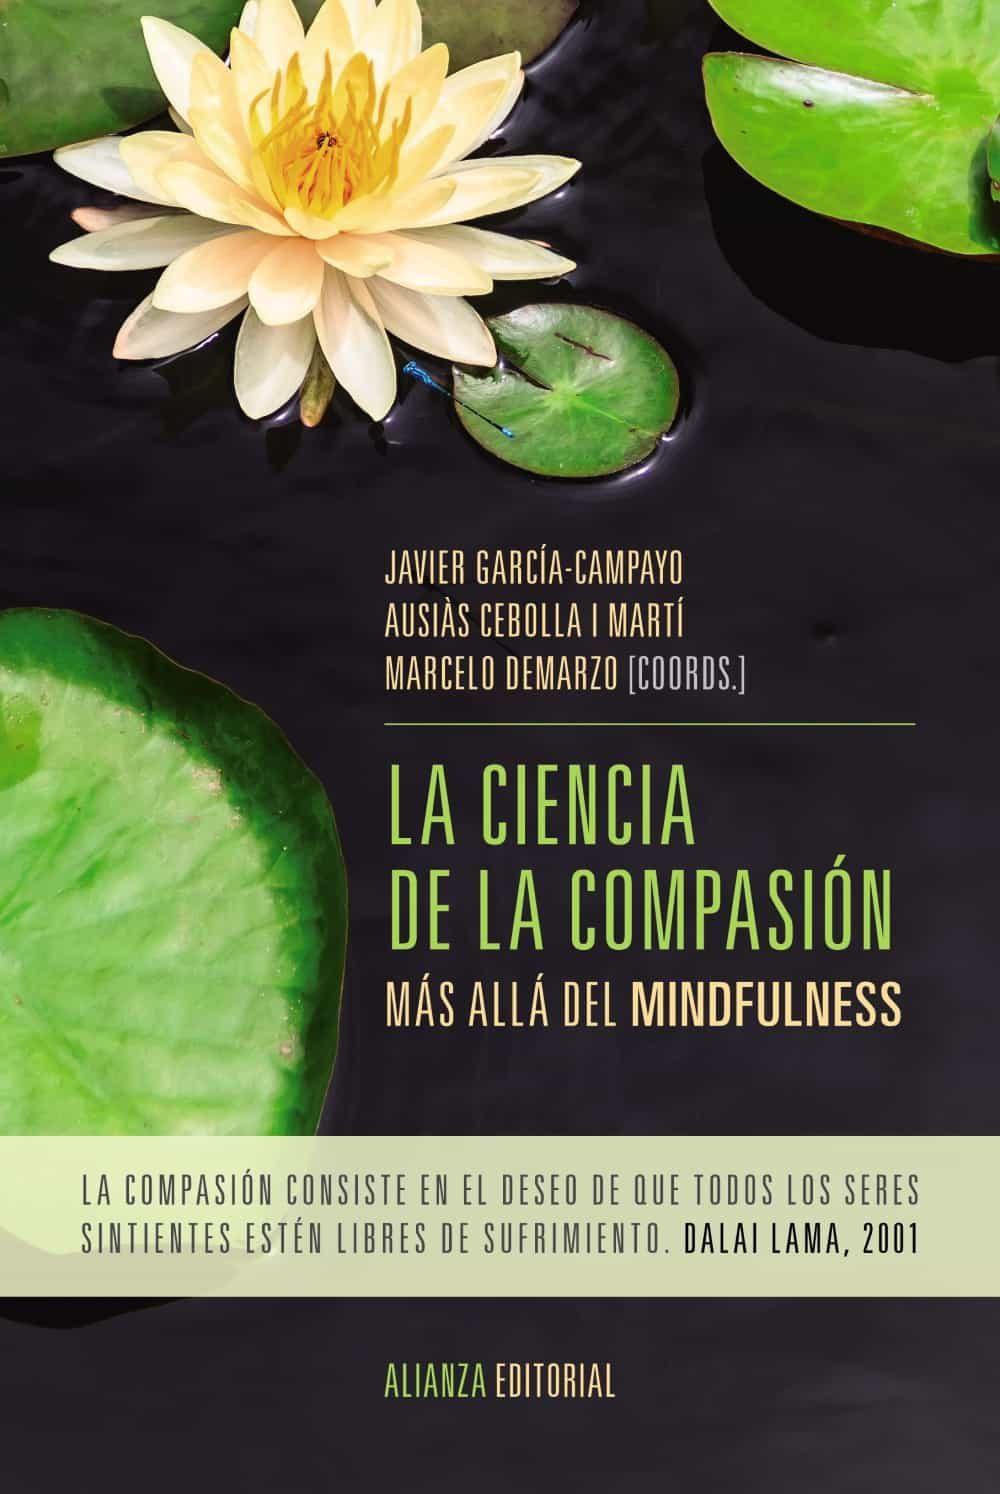 la ciencia de la compasion-javier garcia-campayo-ausias cebolla i marti-9788491043881